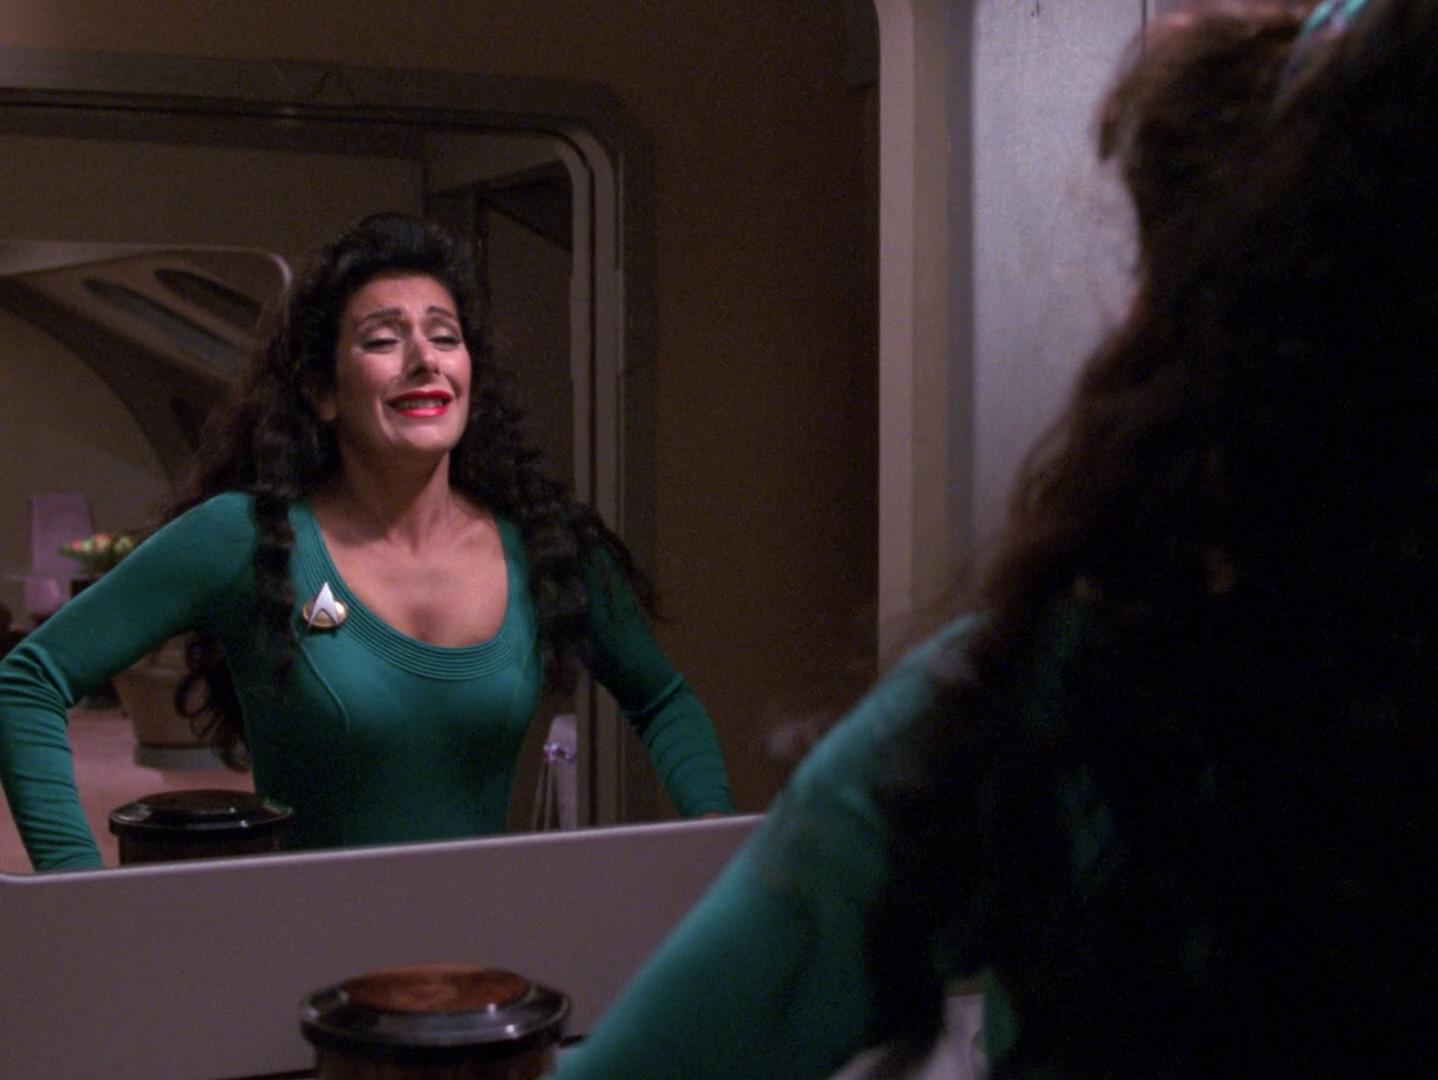 Marina sirtis counselor deanna troi star trek - 1 4